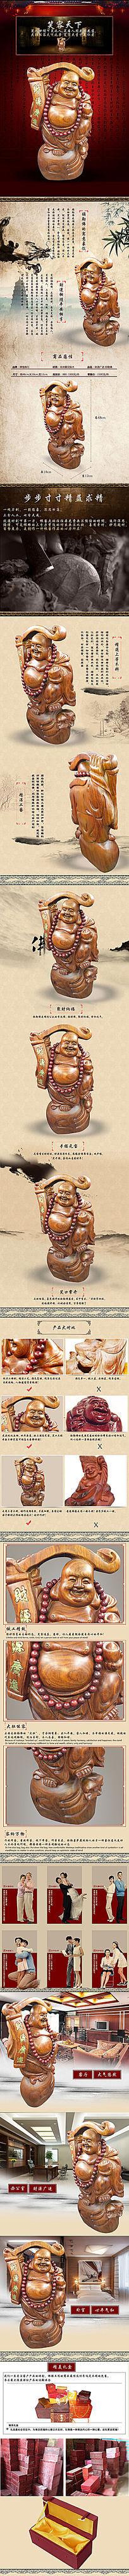 淘宝弥勒佛木雕装饰品详情页设计